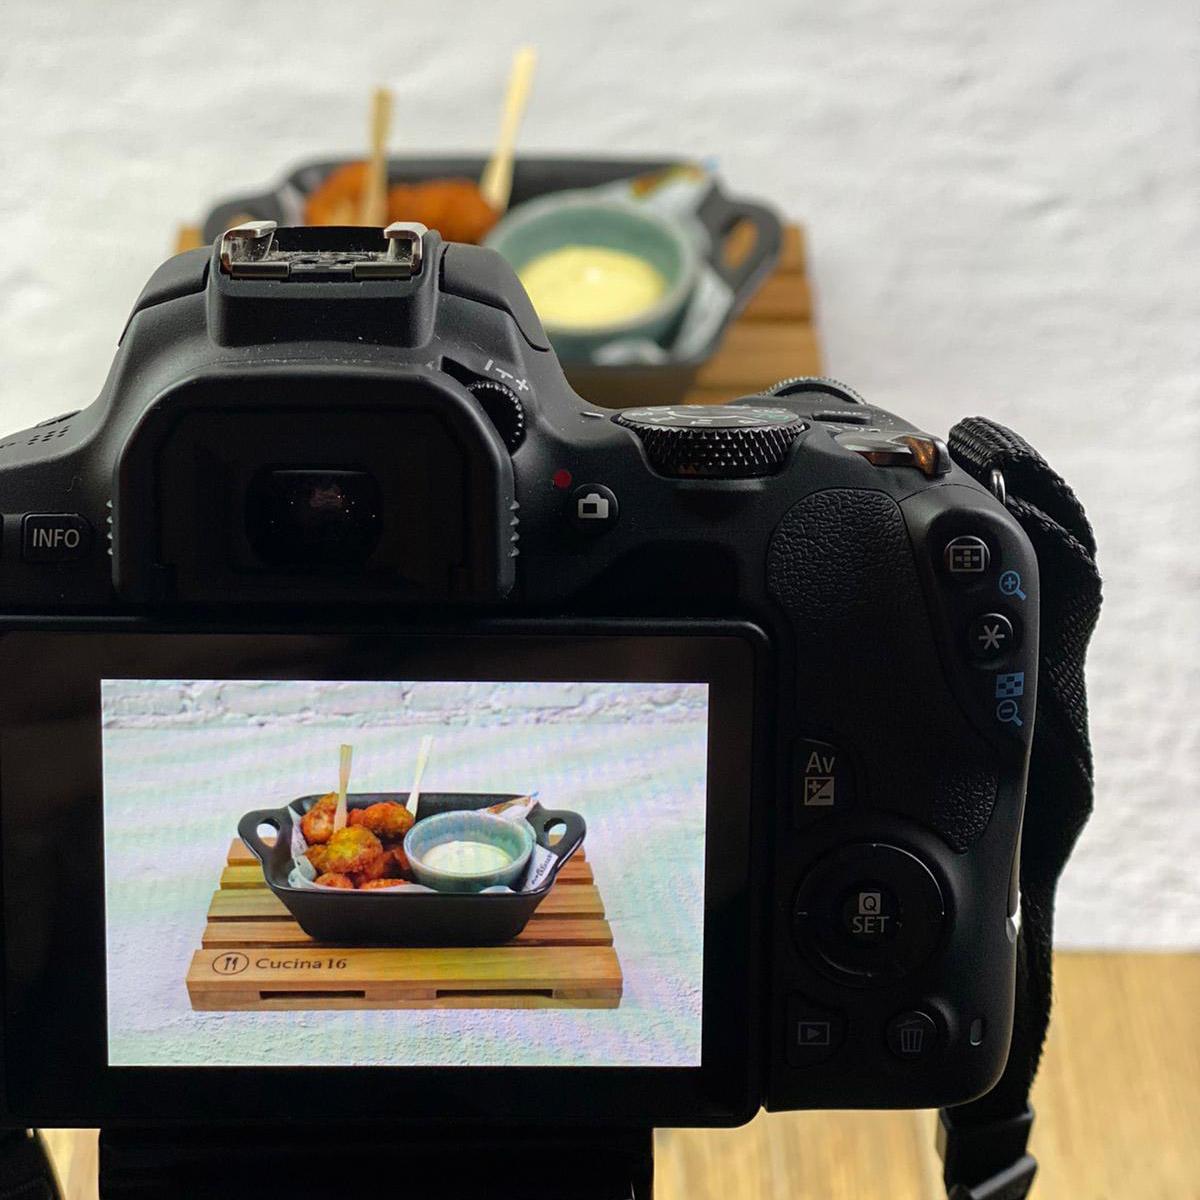 Shooting fotografico - Cucina 16 (4)